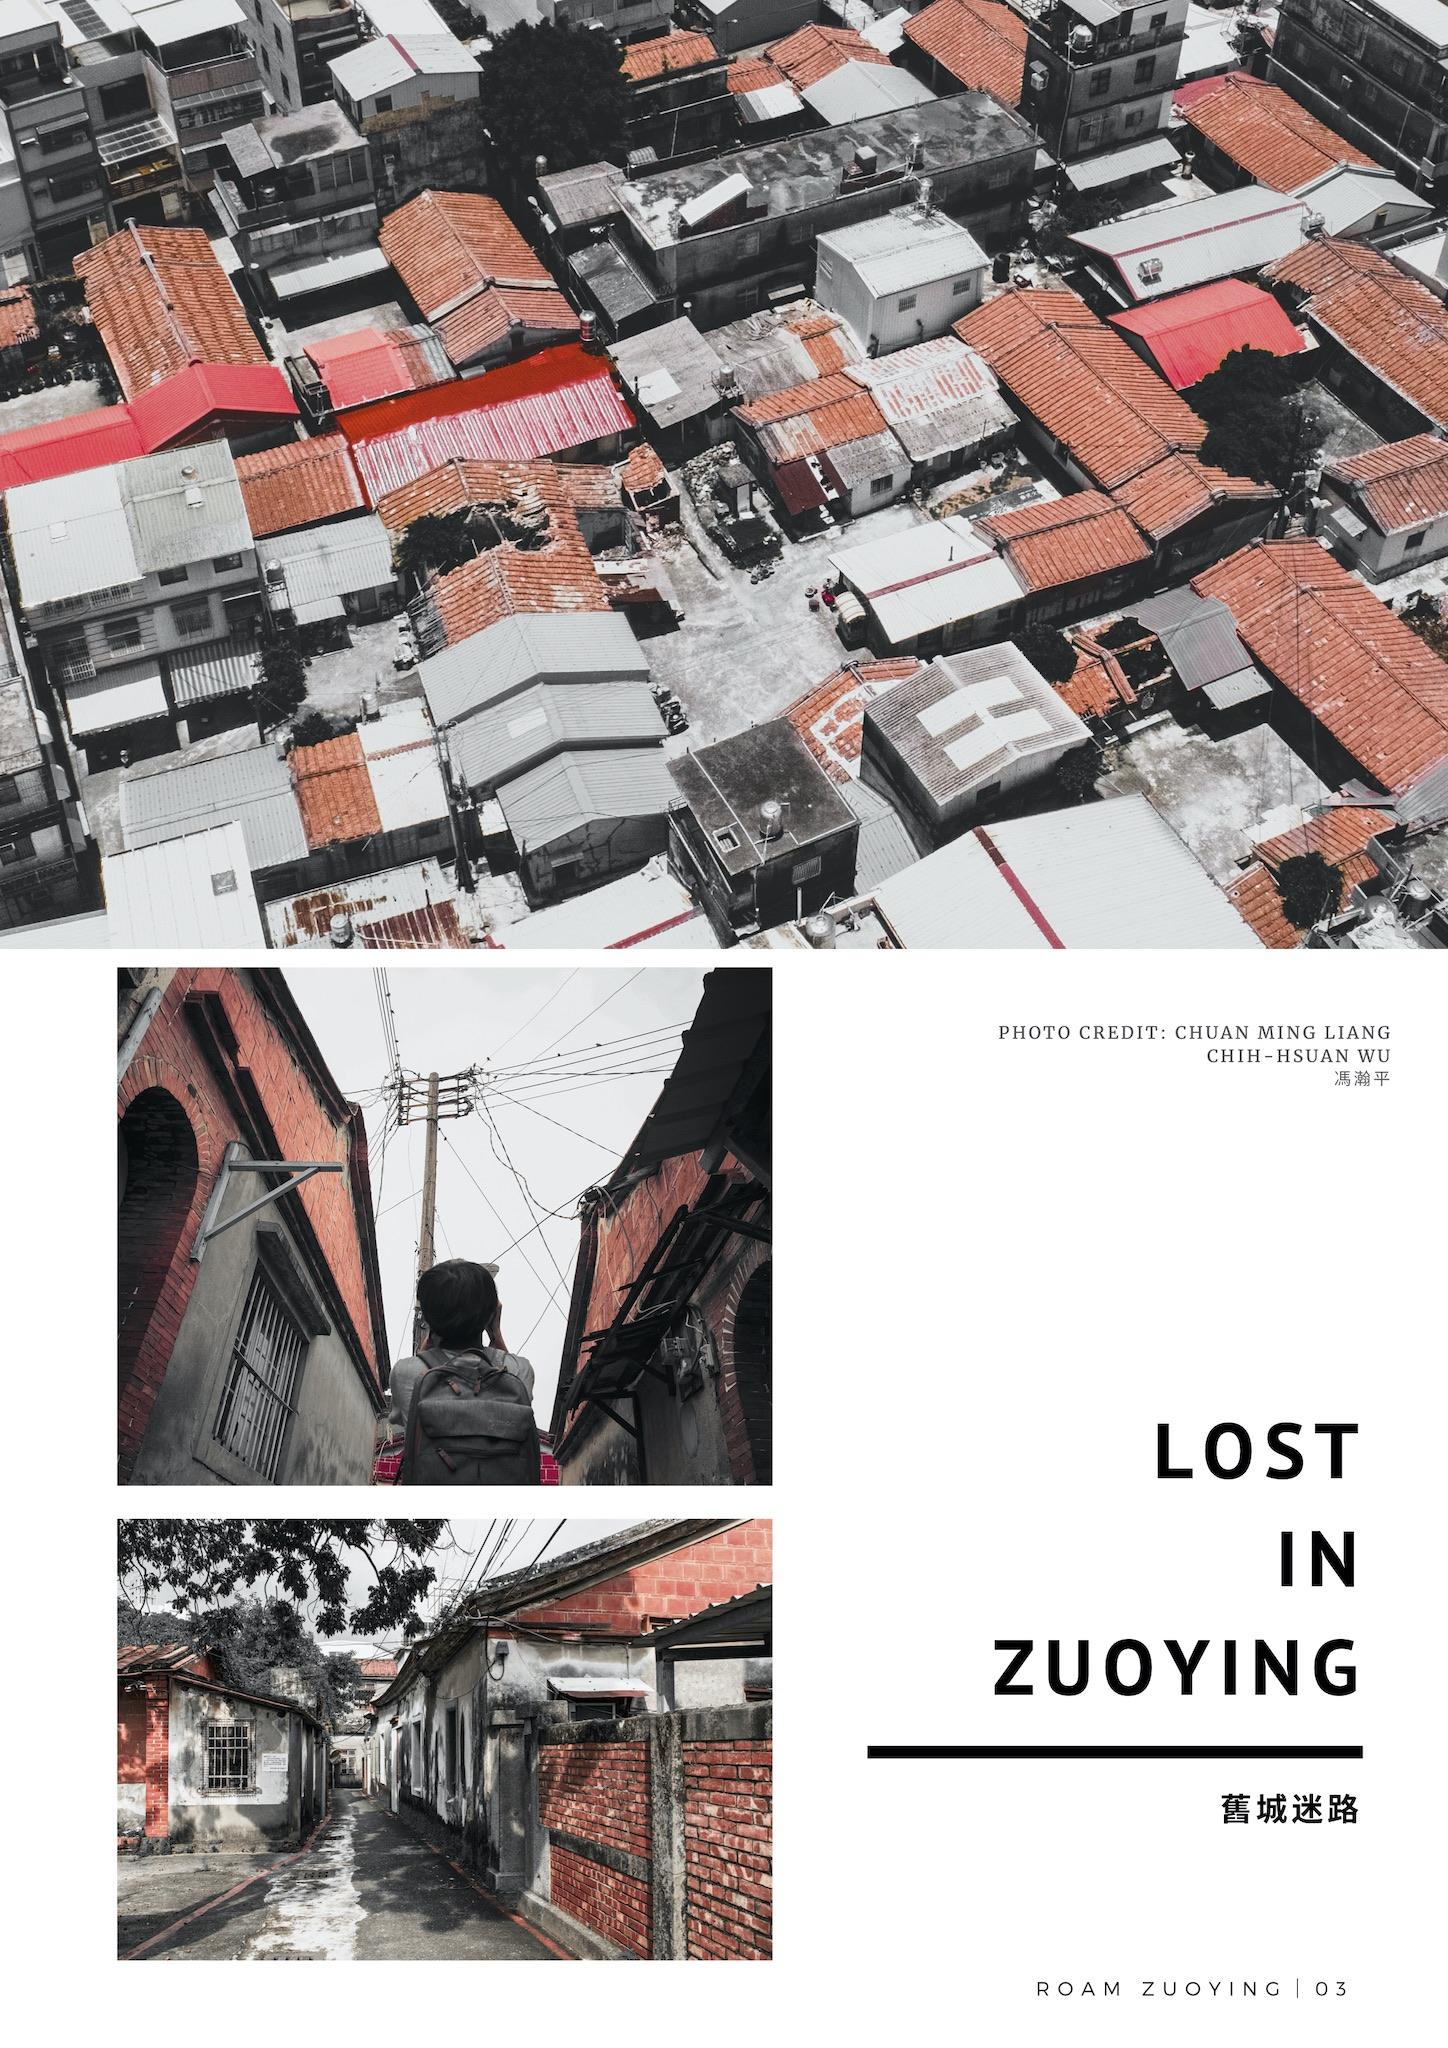 漫遊左營文化誌|Roam Zuoying Issue04 - 舊城迷路p3